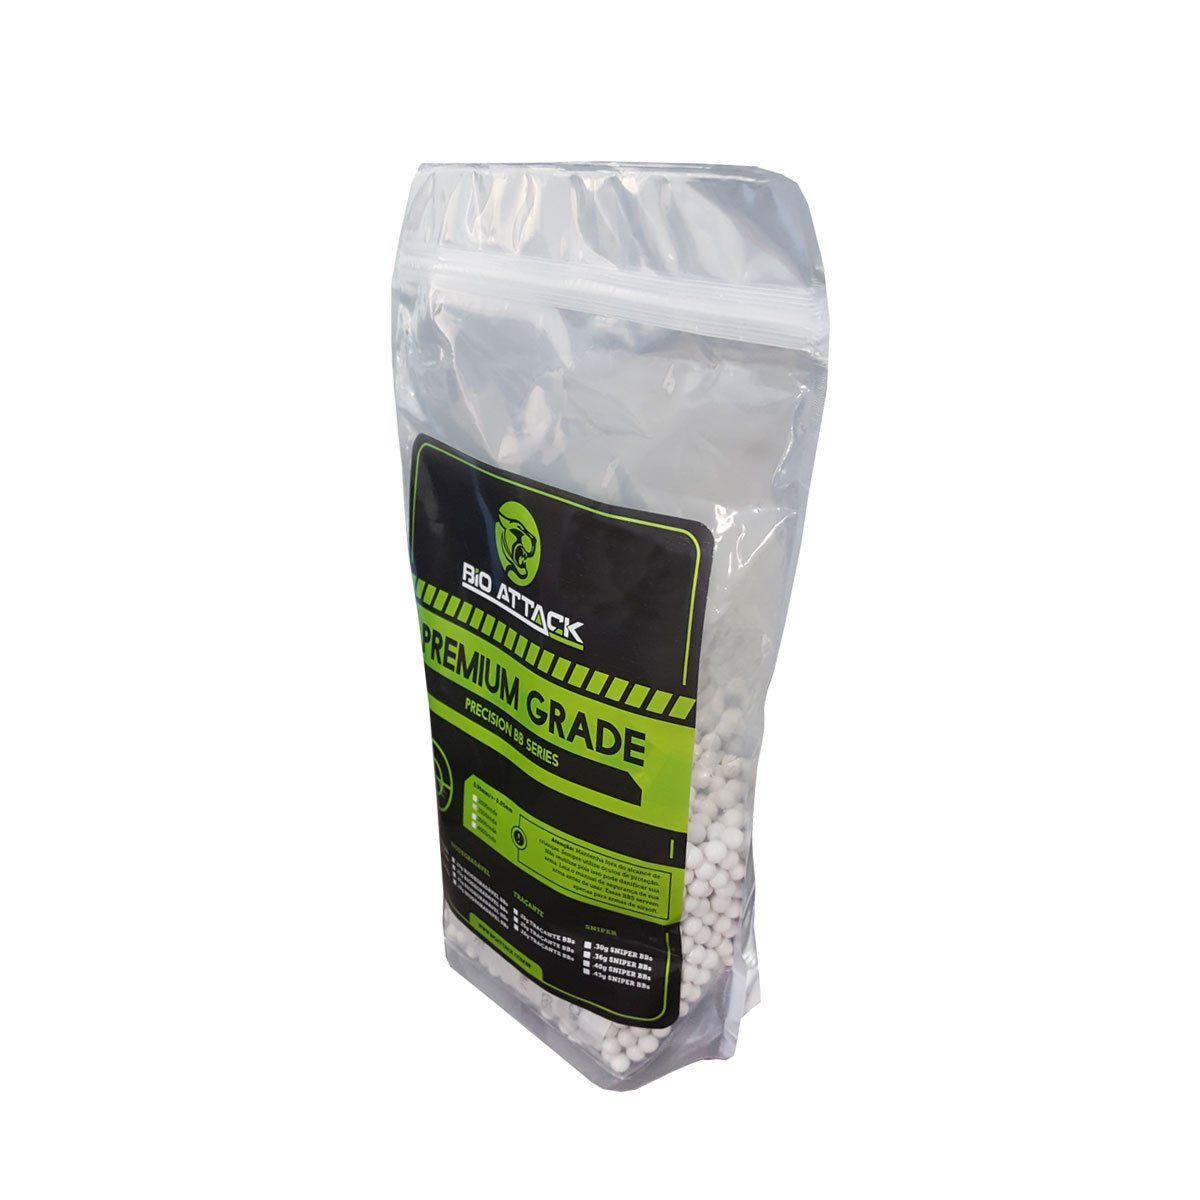 Esferas Plásticas BBs Bio Attack Premium 6 mm 0,20g 4000un